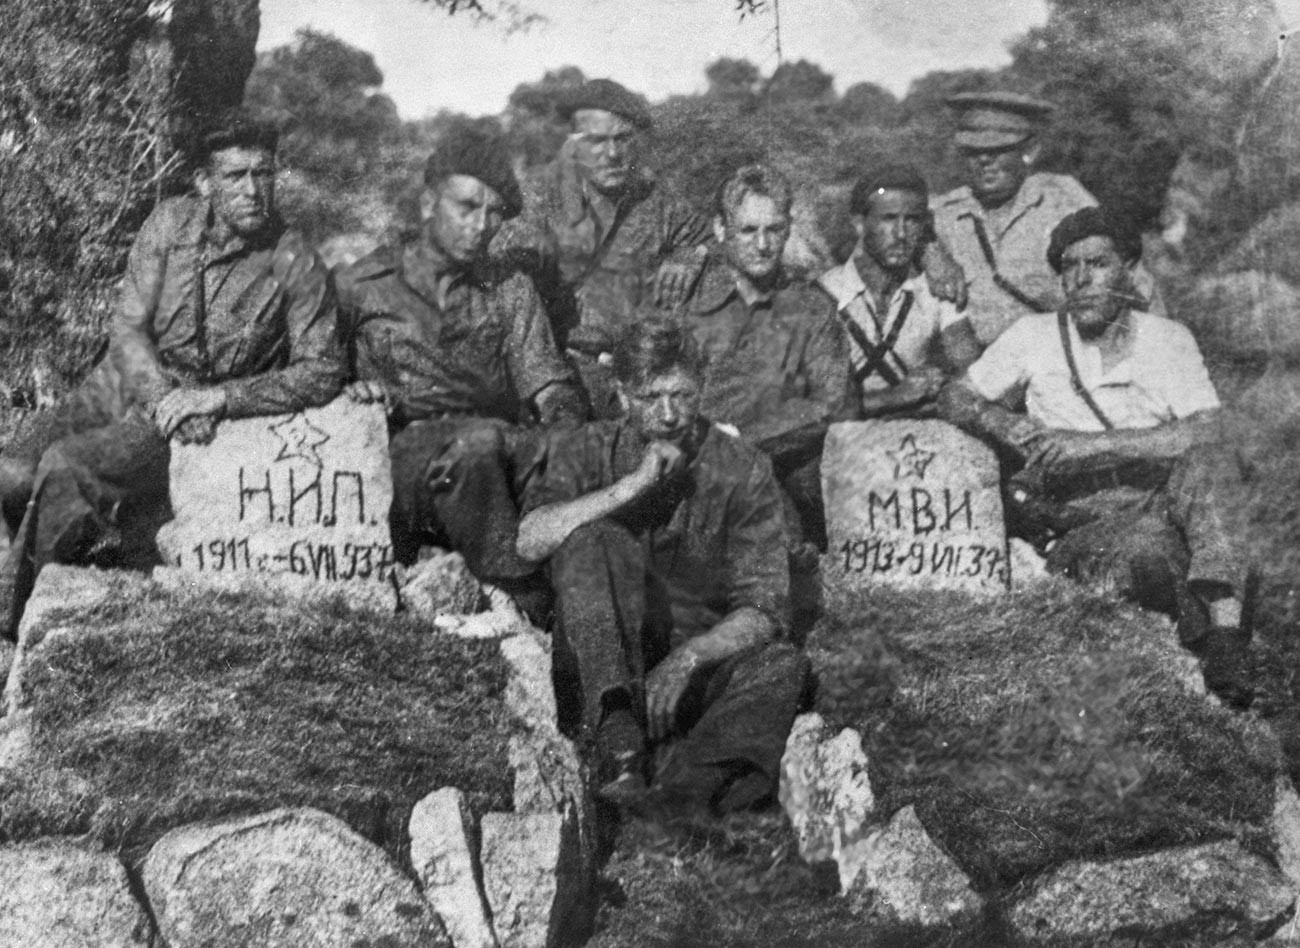 Tripulaciones de tanques soviéticos en las tumbas de sus camaradas en España.